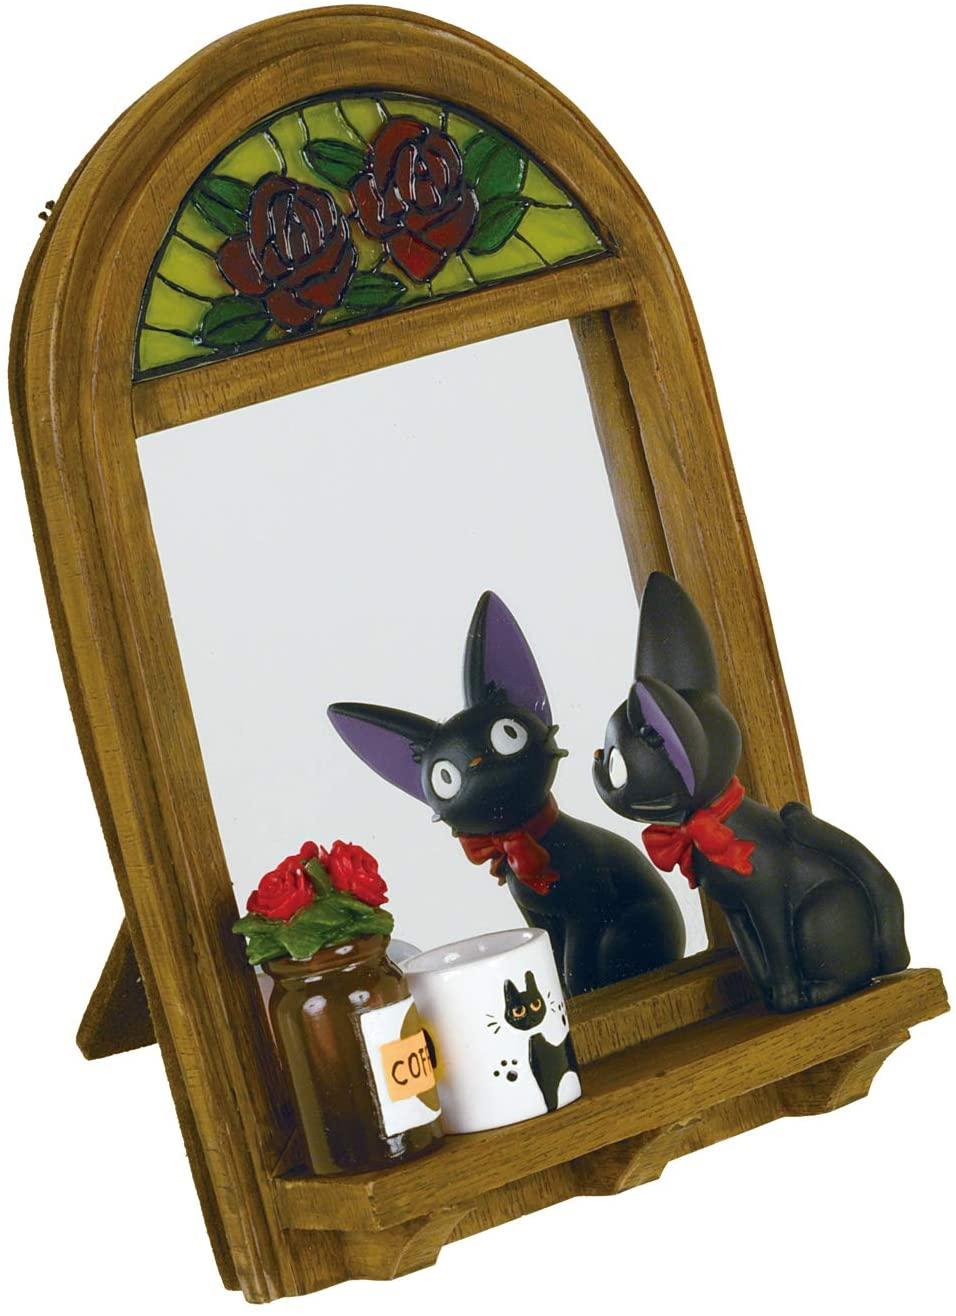 """Benelic Jiji Hand & Stand Mirror """"Kiki's Delivery Service"""""""